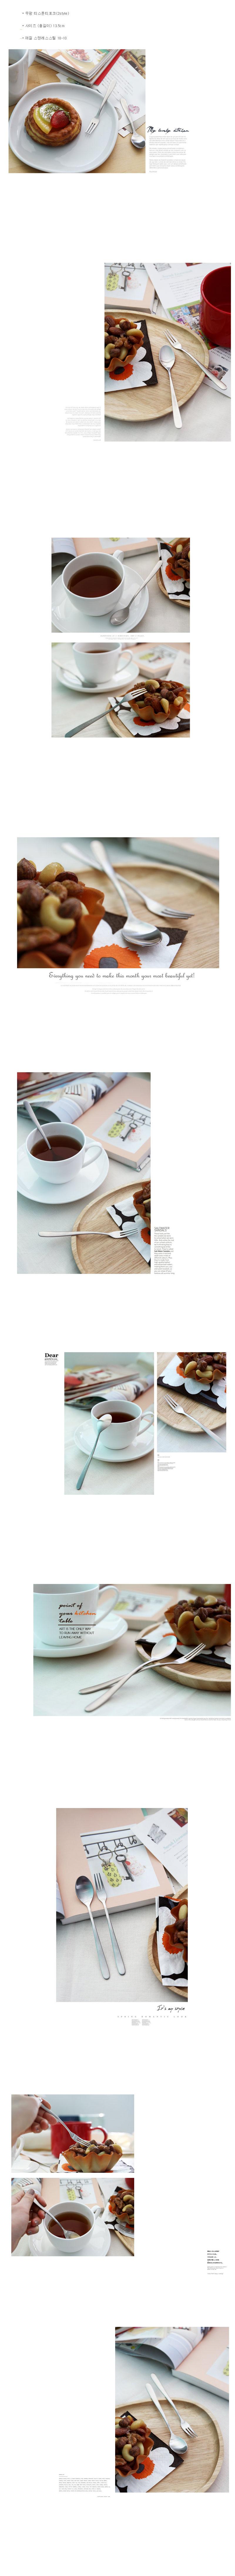 무광 티스푼 티포크(2스타일) - 안나하우스, 2,500원, 양식기 세트, 양식기 세트